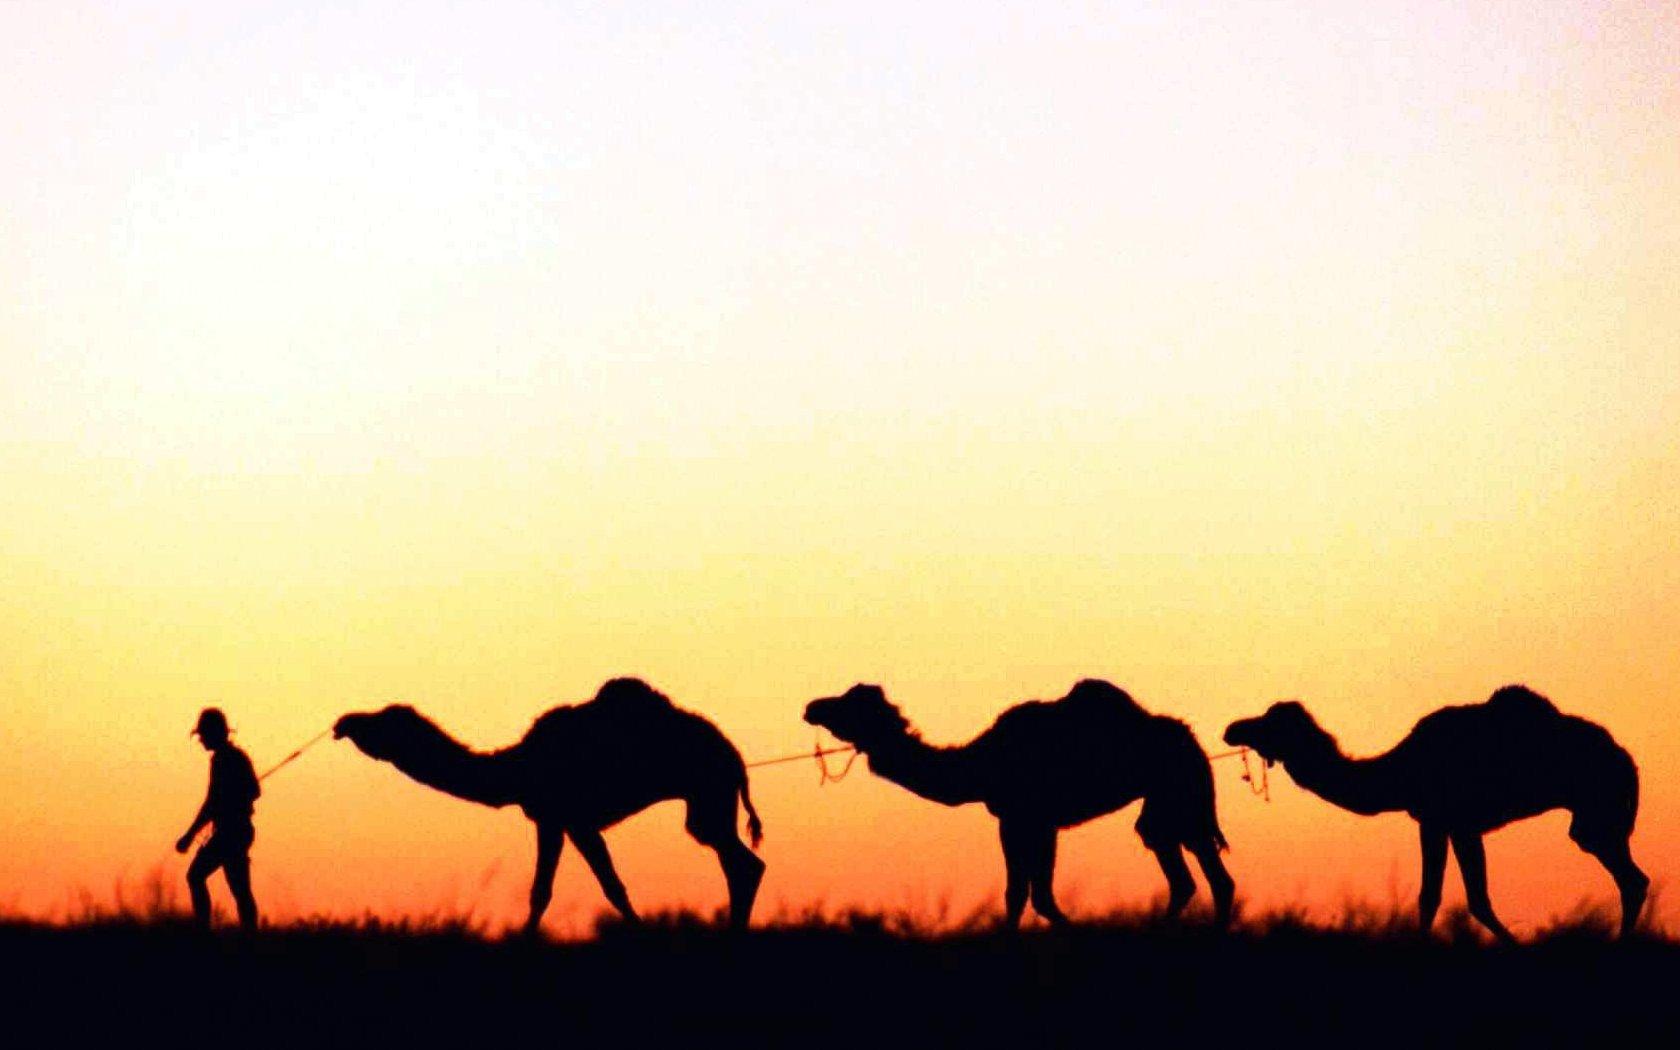 Weniger Wüstenbildung durch Nutztiere